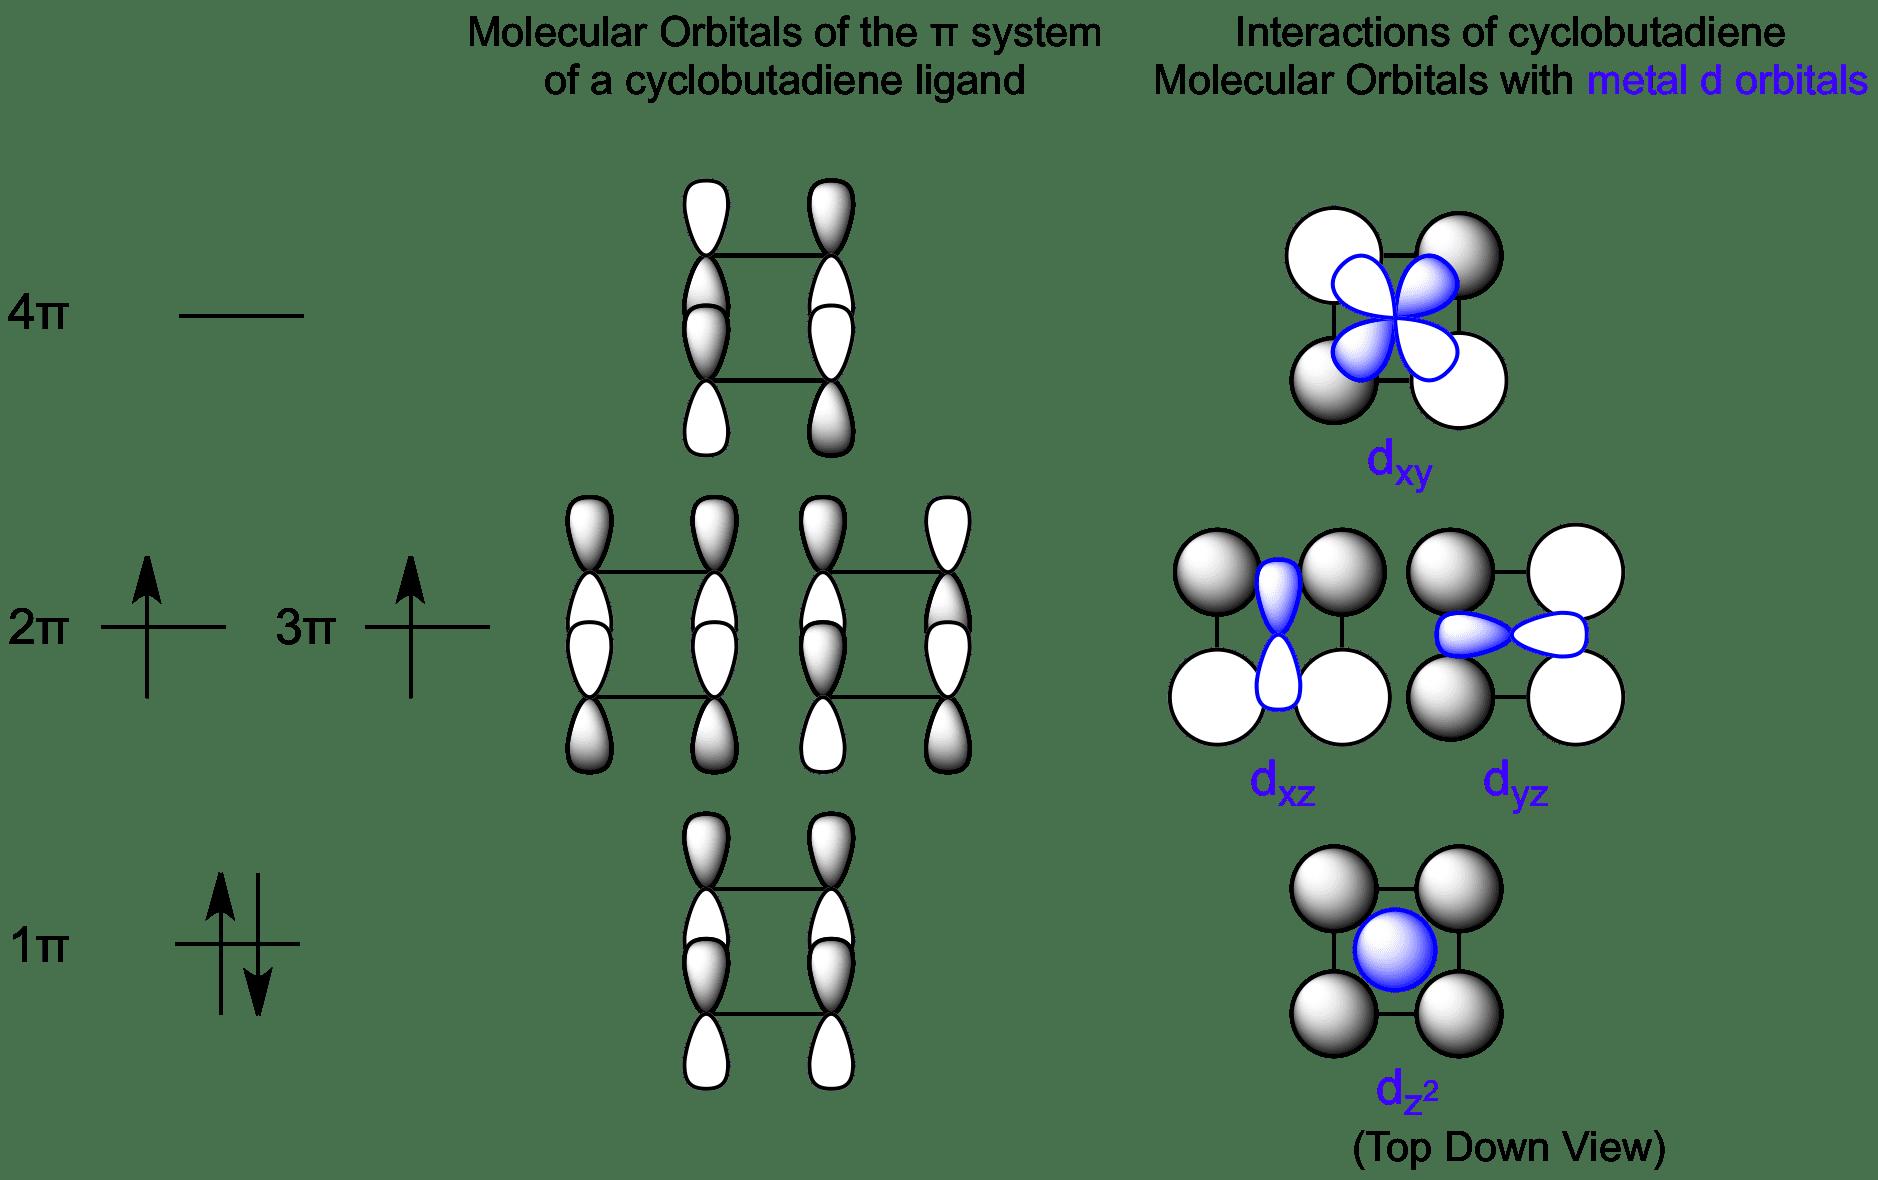 Interactions between Cyclobutadiene Molecular Orbitals and